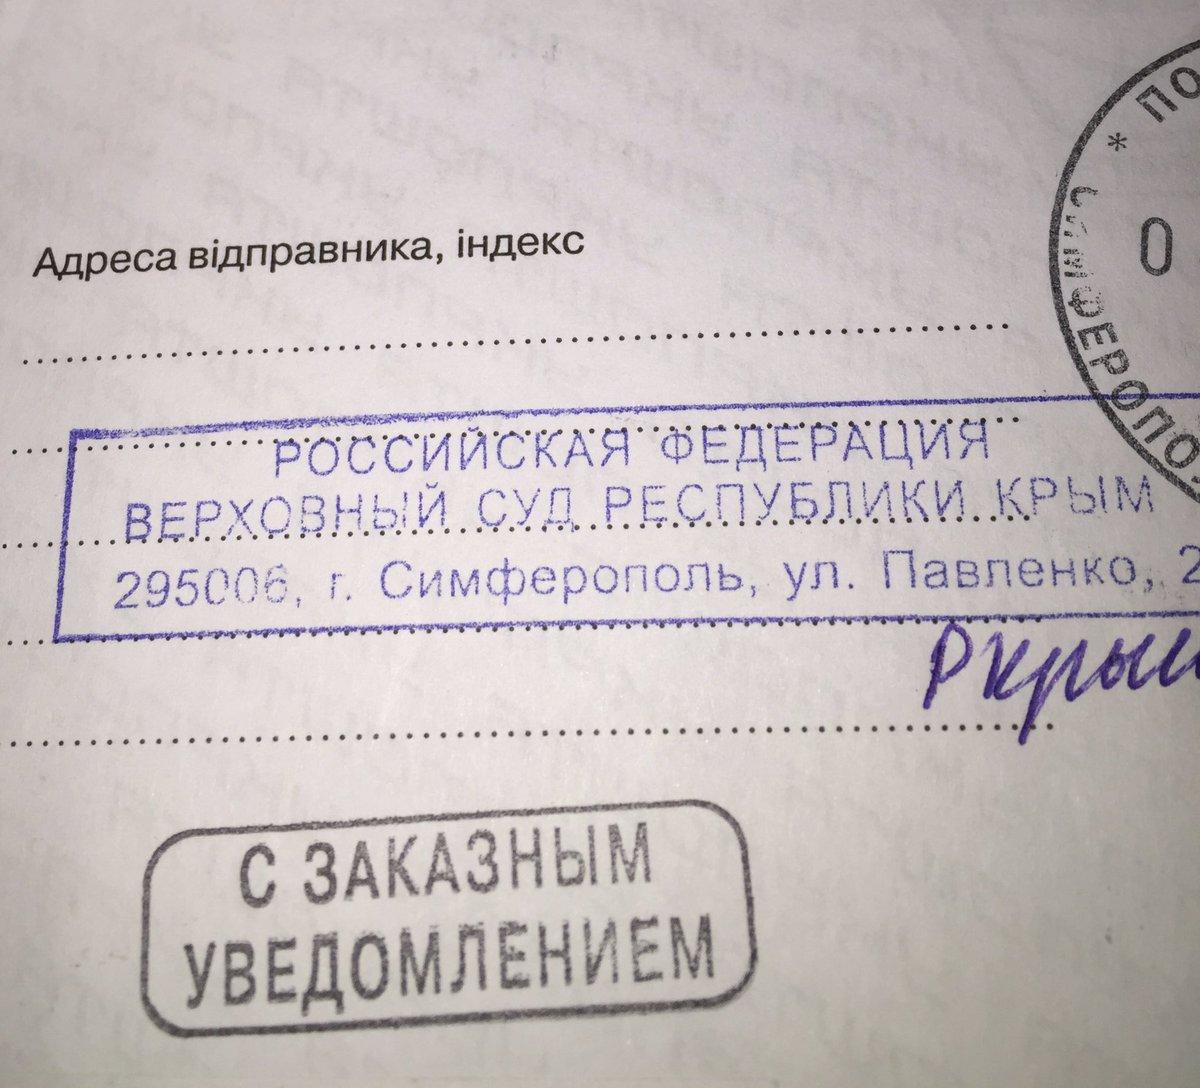 Мы никогда не признаем оккупацию Крыма и части Донбасса, - Гройсман - Цензор.НЕТ 967